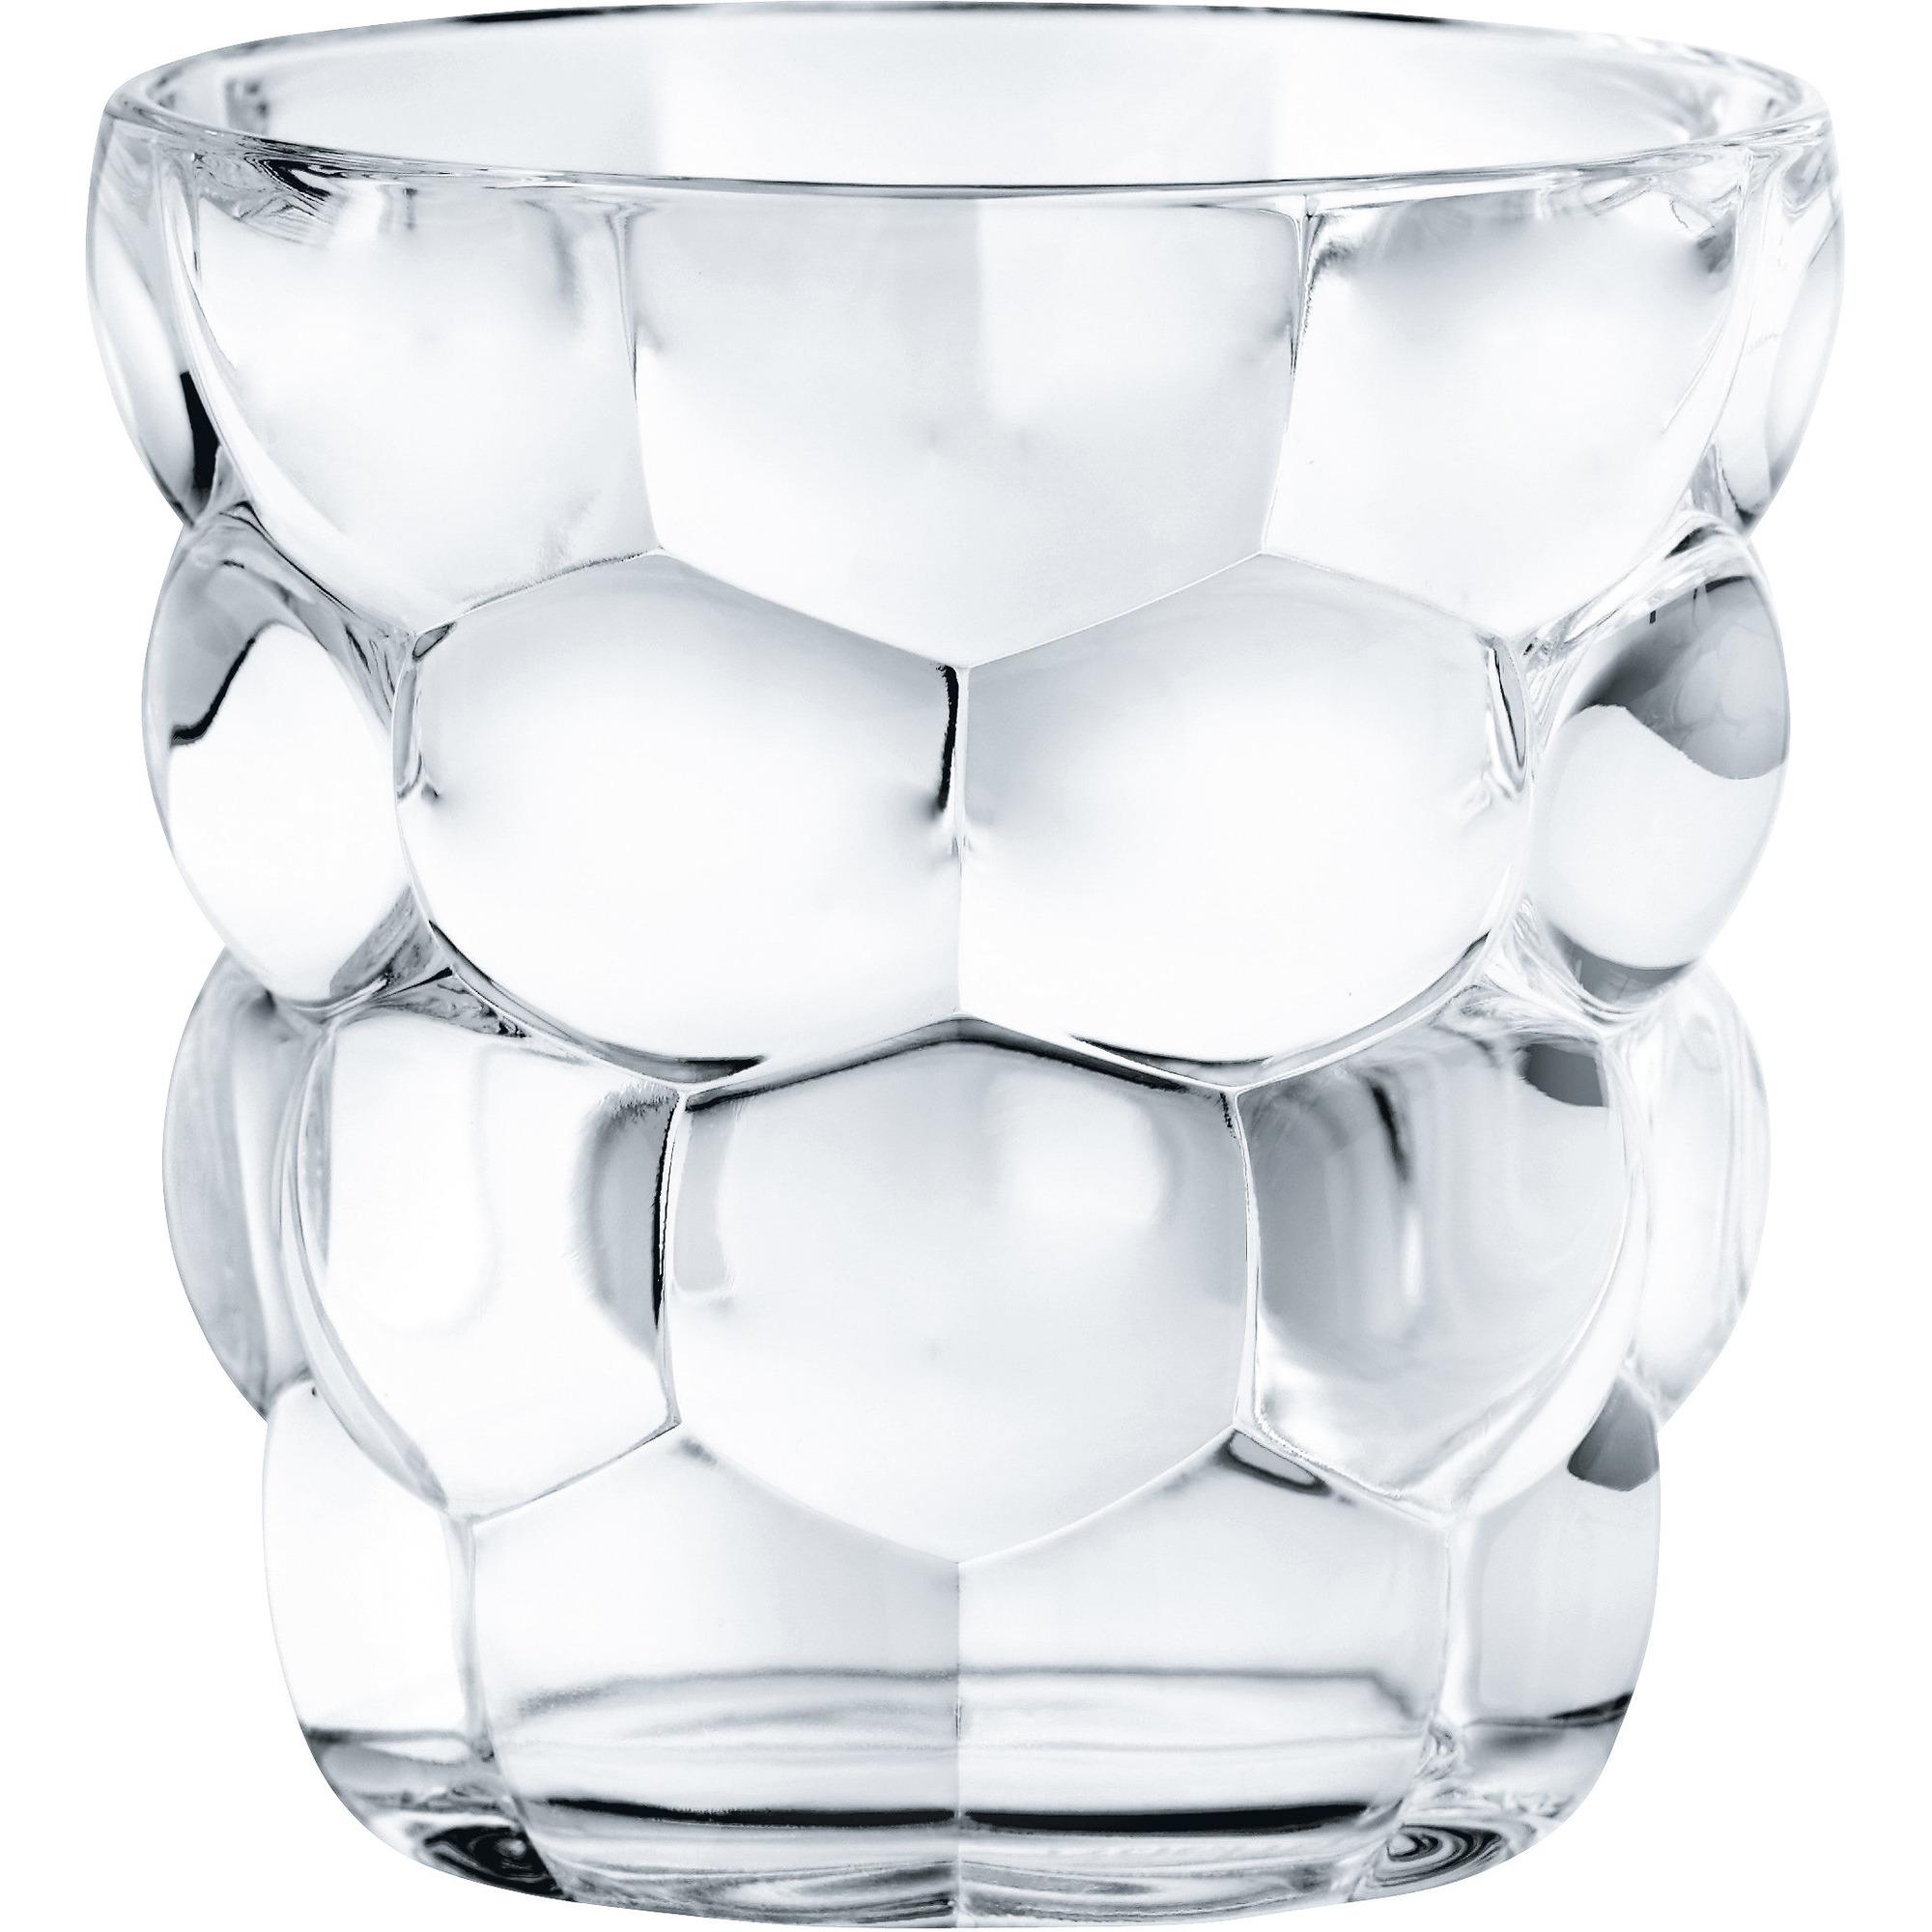 Nachtmann Bubbles Tumbler Glas Small 24cl 4-p